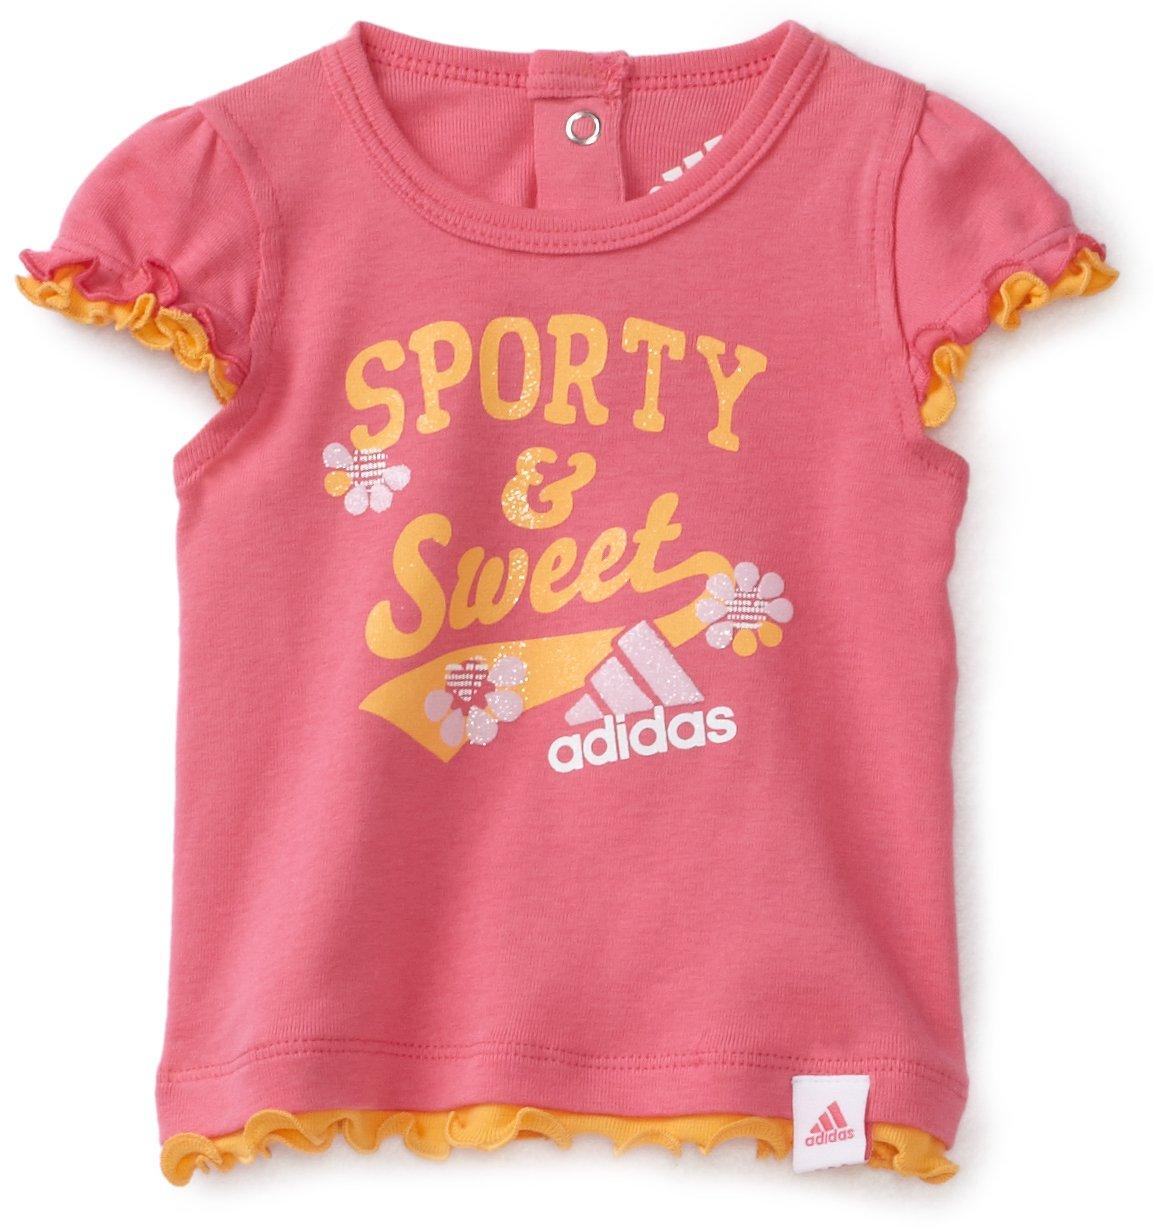 阿迪达斯超可爱女宝宝t恤$5.65